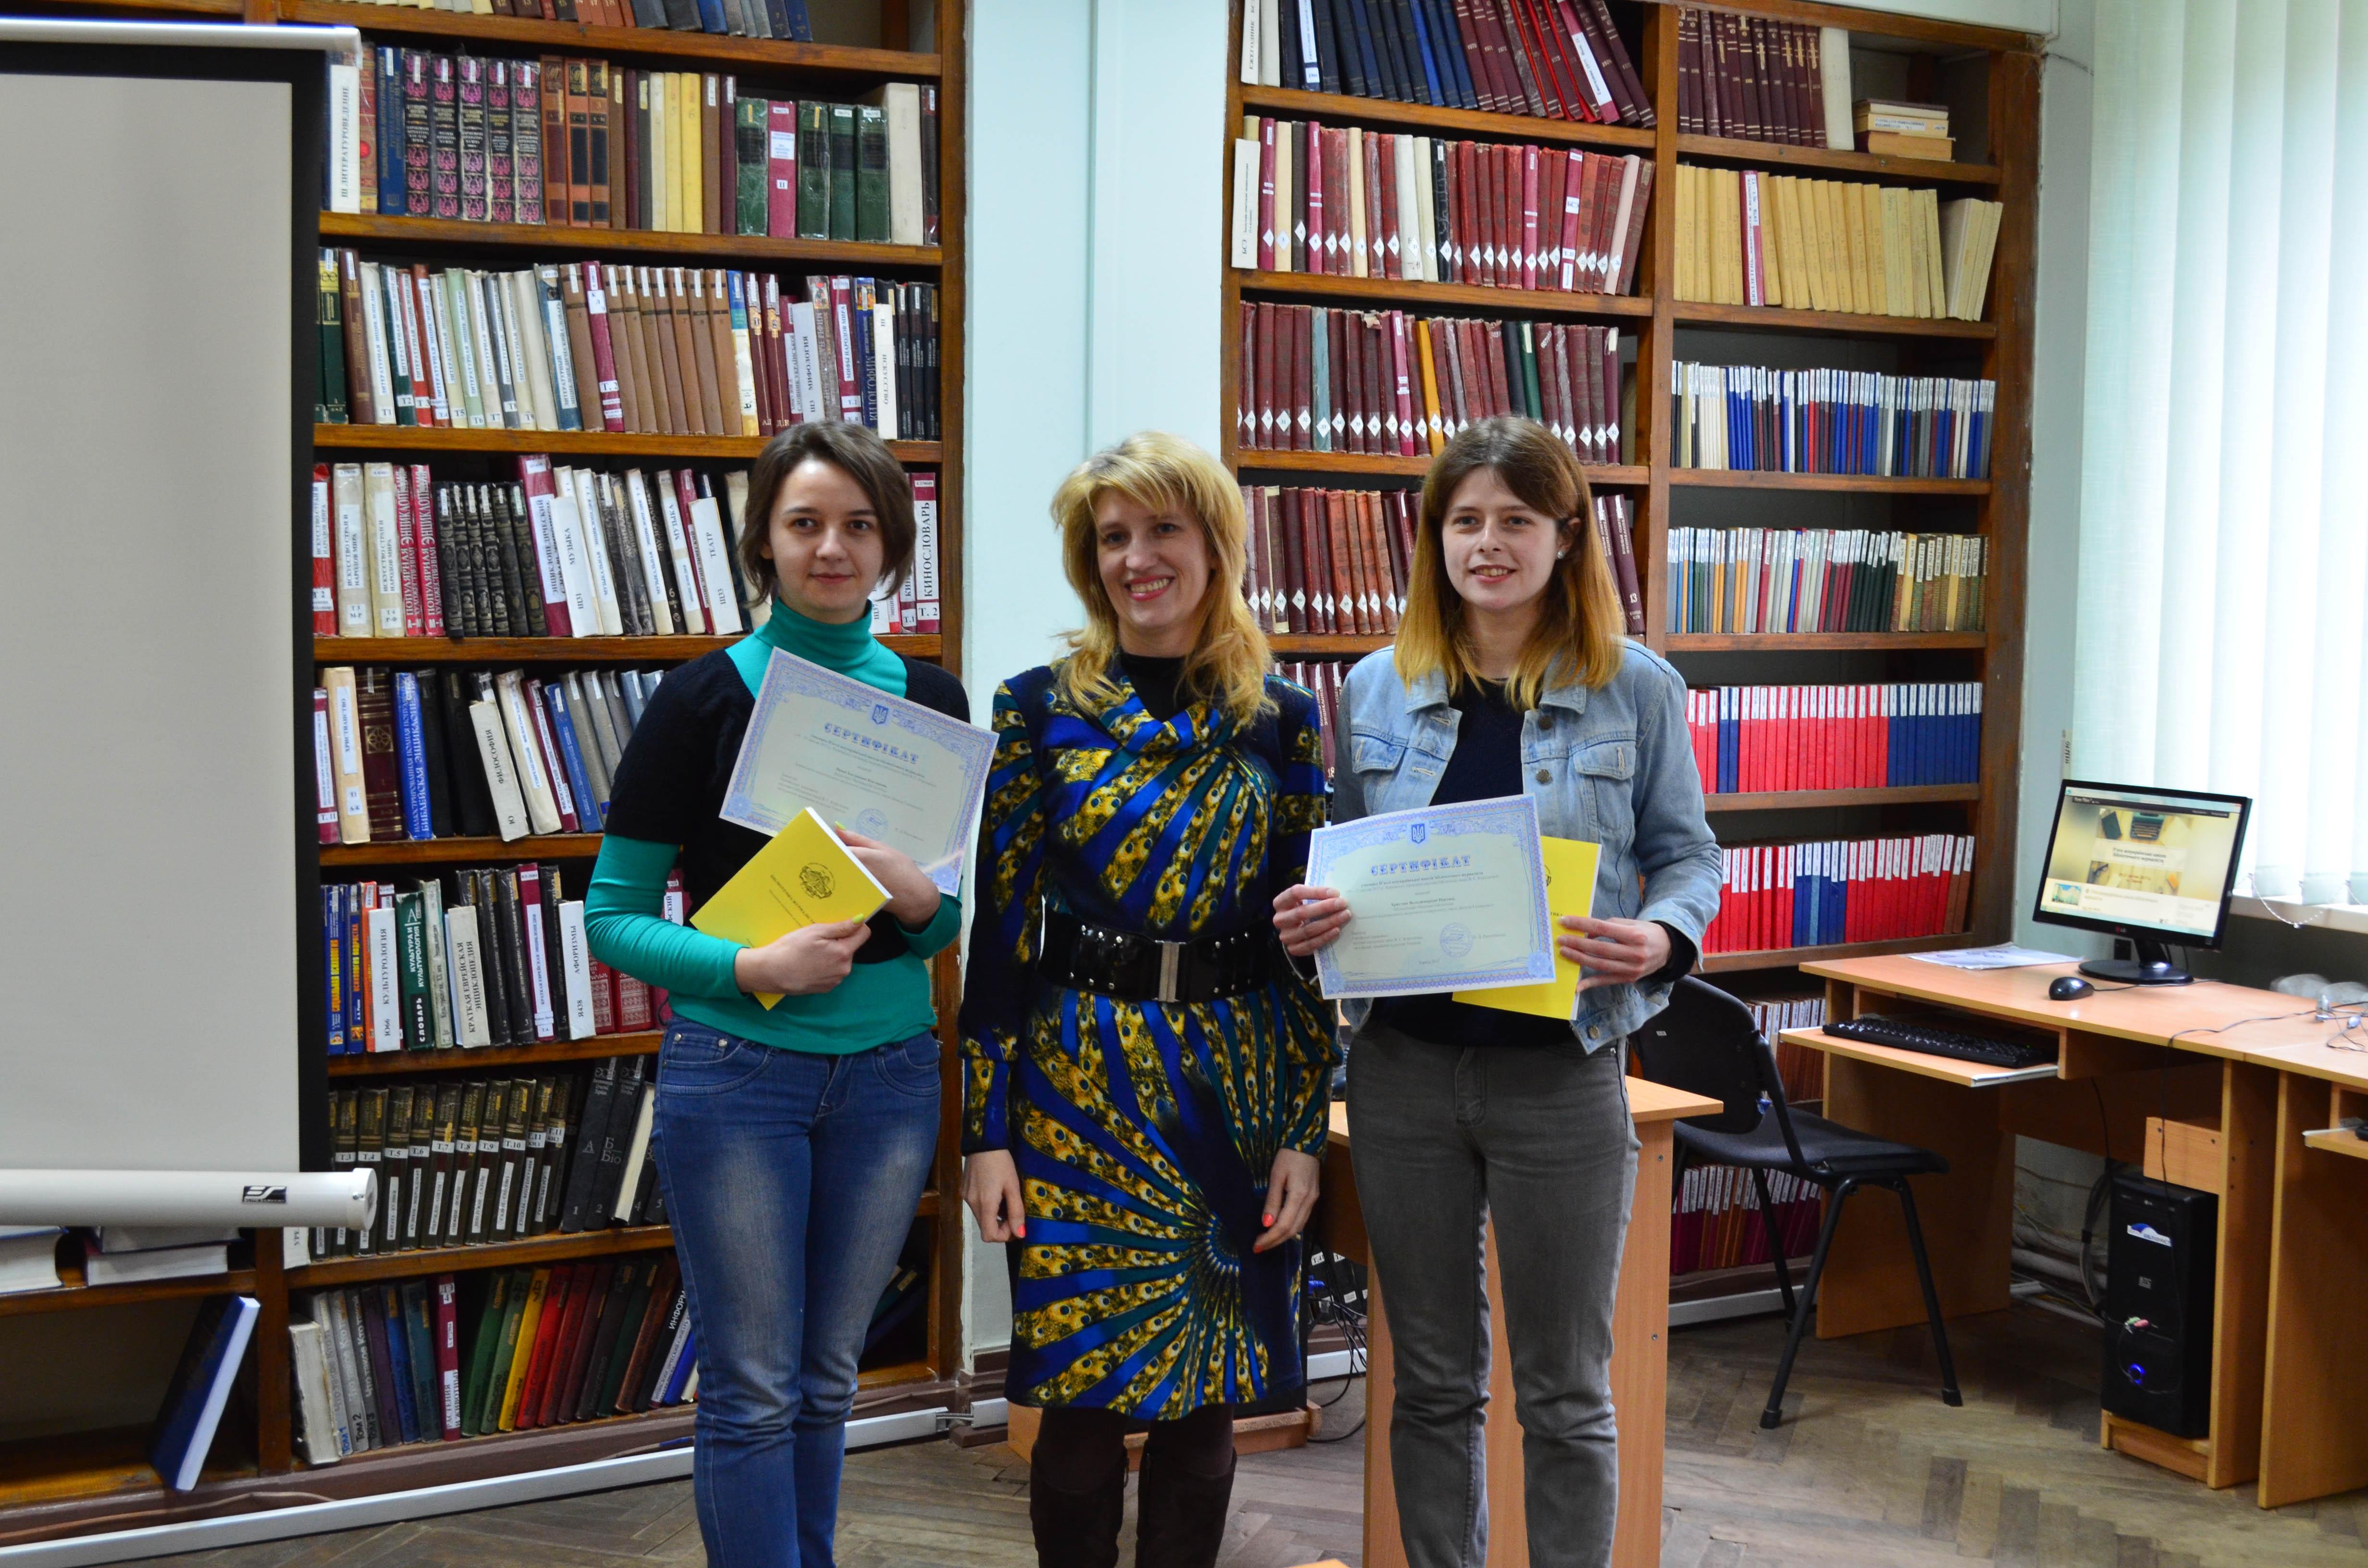 Отримання сертифікатів після закінчення «П'ятої всеукраїнської школи бібліотечного журналіста» у м. Харкові